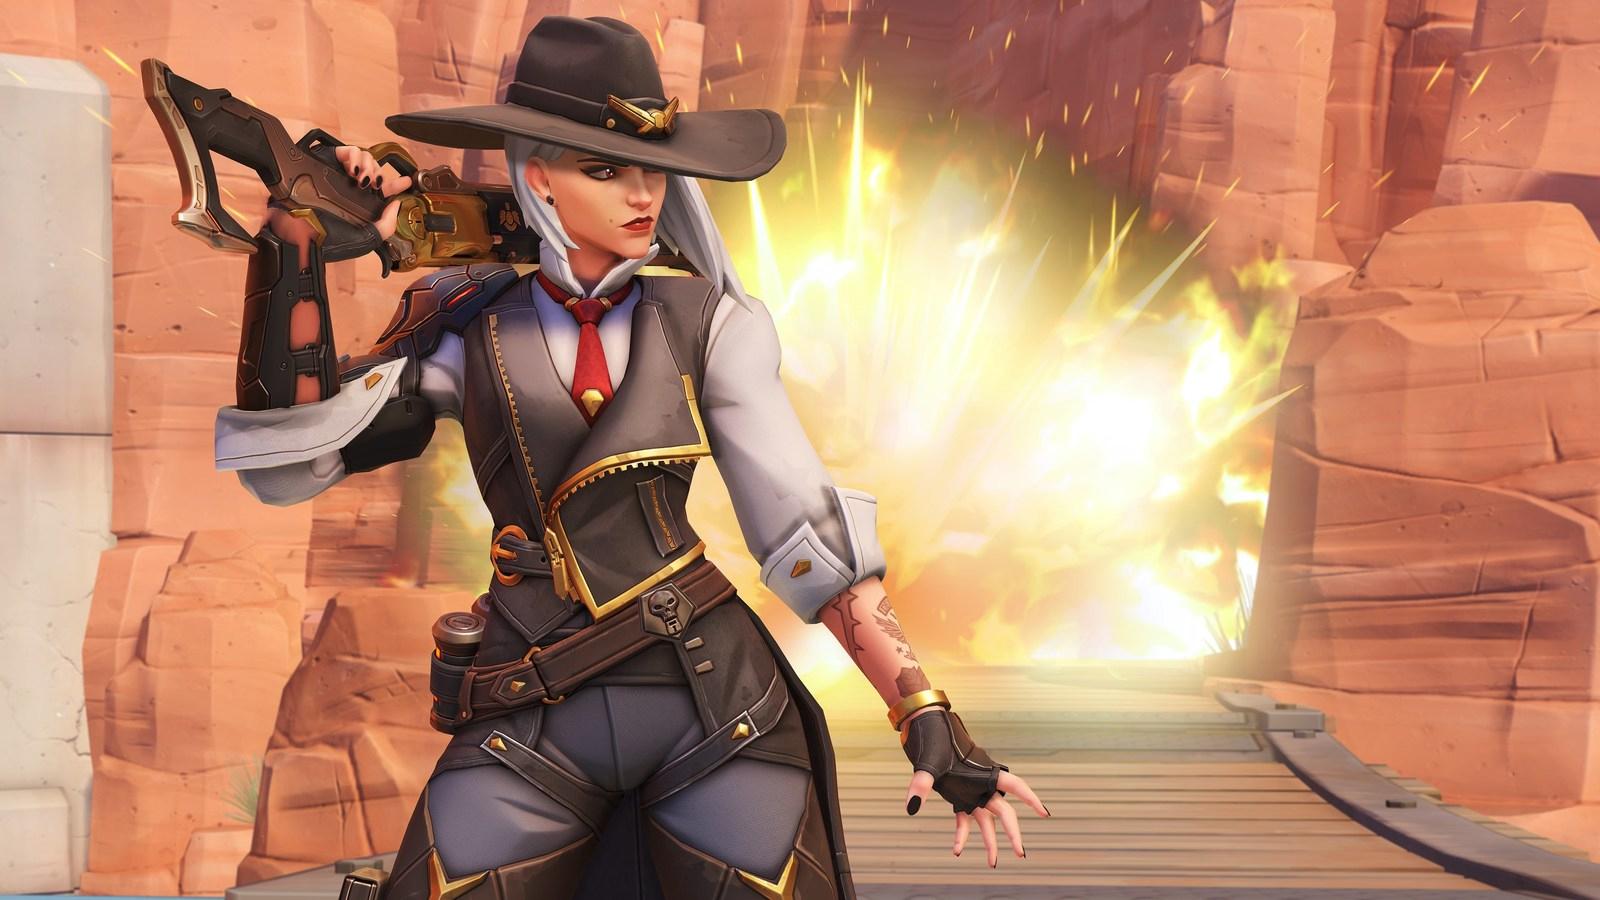 portada problemas skins ashe overwatch